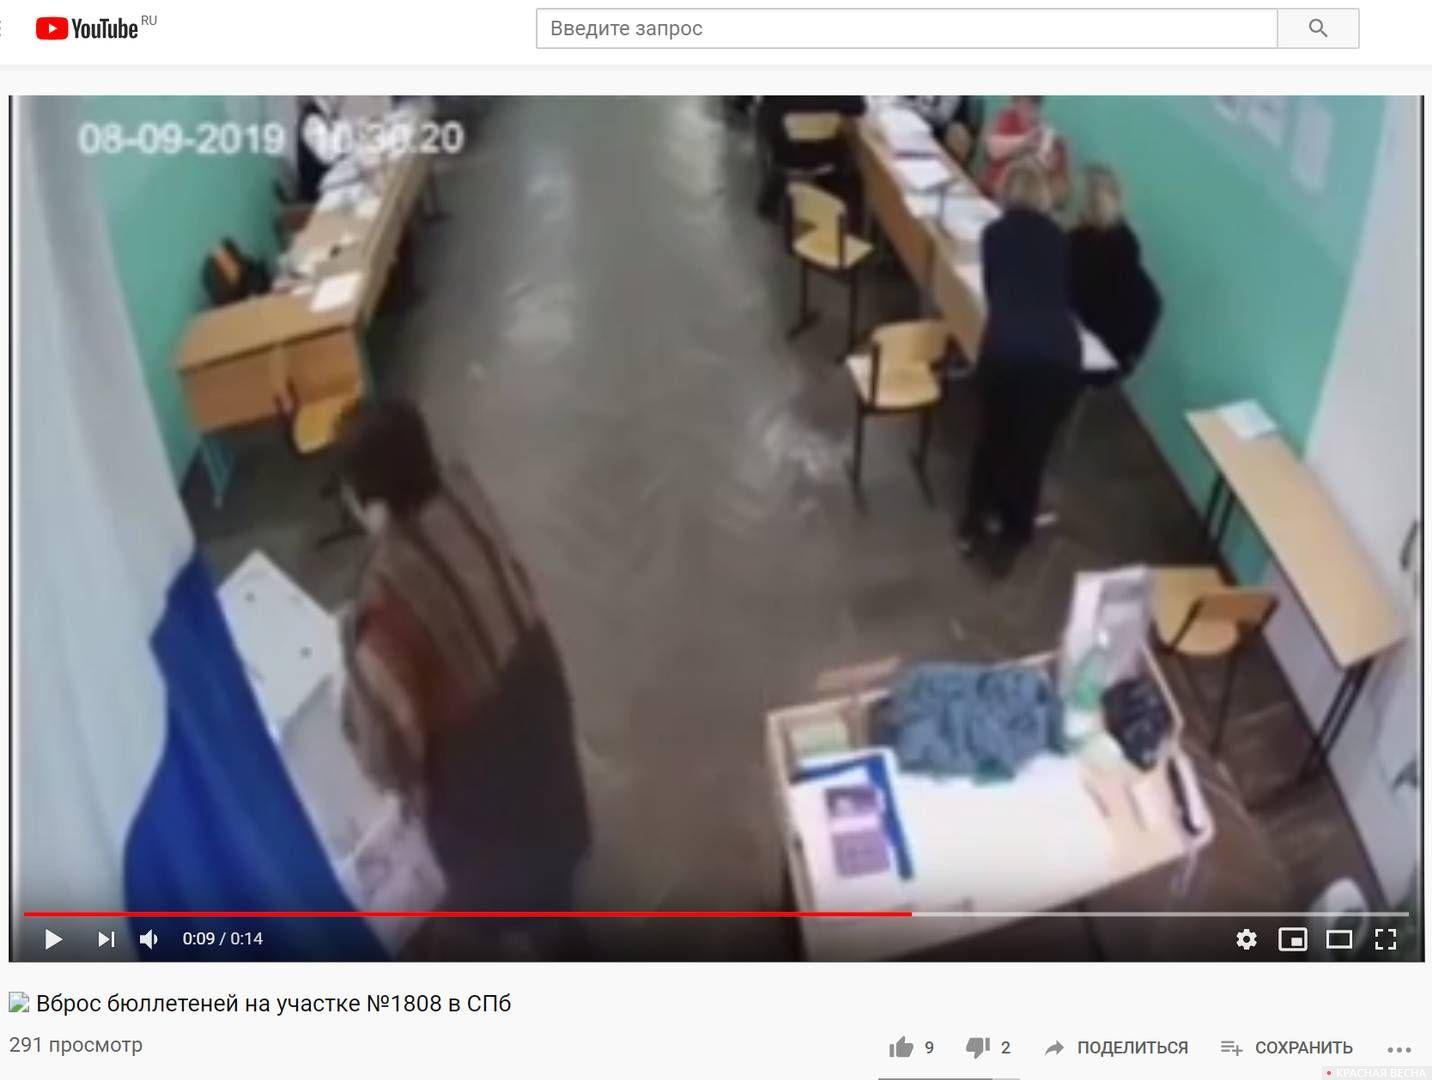 Фейковый видеоролик из Нижнего Новгорода 2016 года, размещенный сегодня в единый день голосования как вброс бюллетеней в Санкт-Петербурге